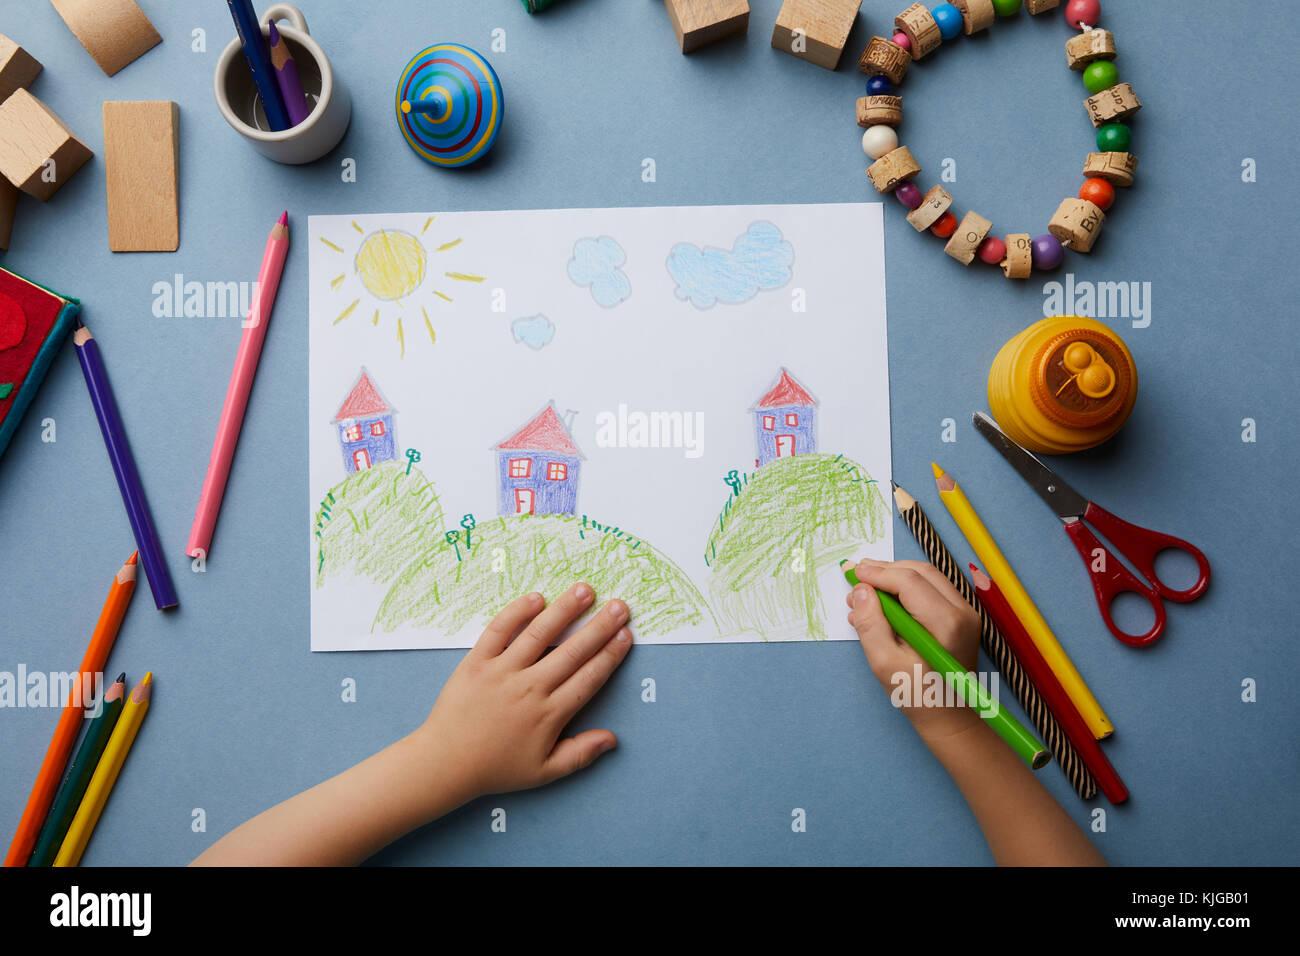 Bambino disegna il paesaggio con le case Immagini Stock